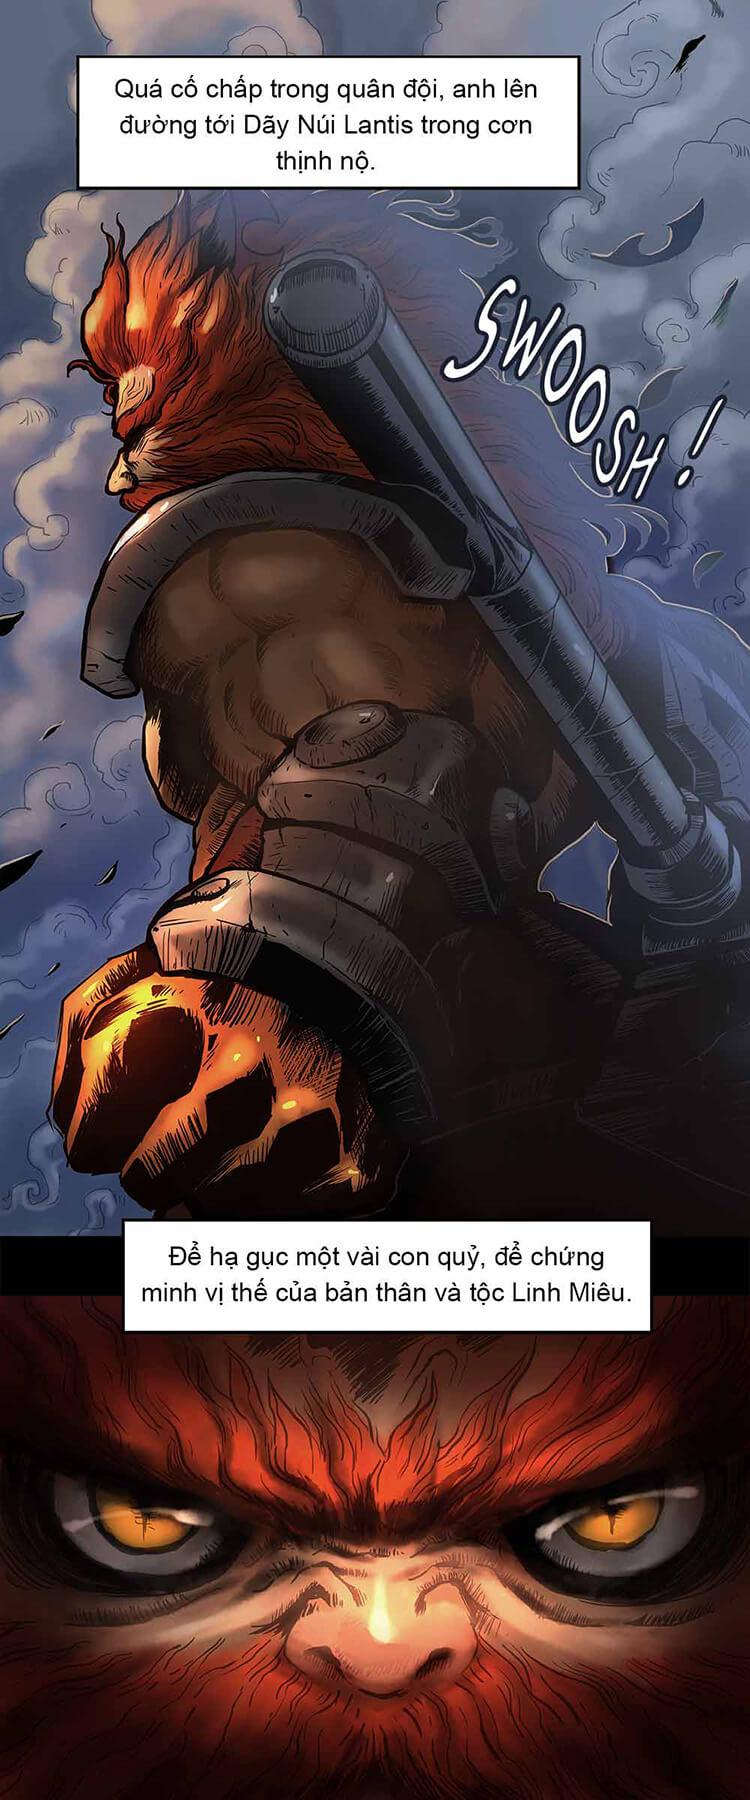 Mobile Legends: Bang Bang tung comic giới thiệu tướng mới Aulus - Ảnh 2